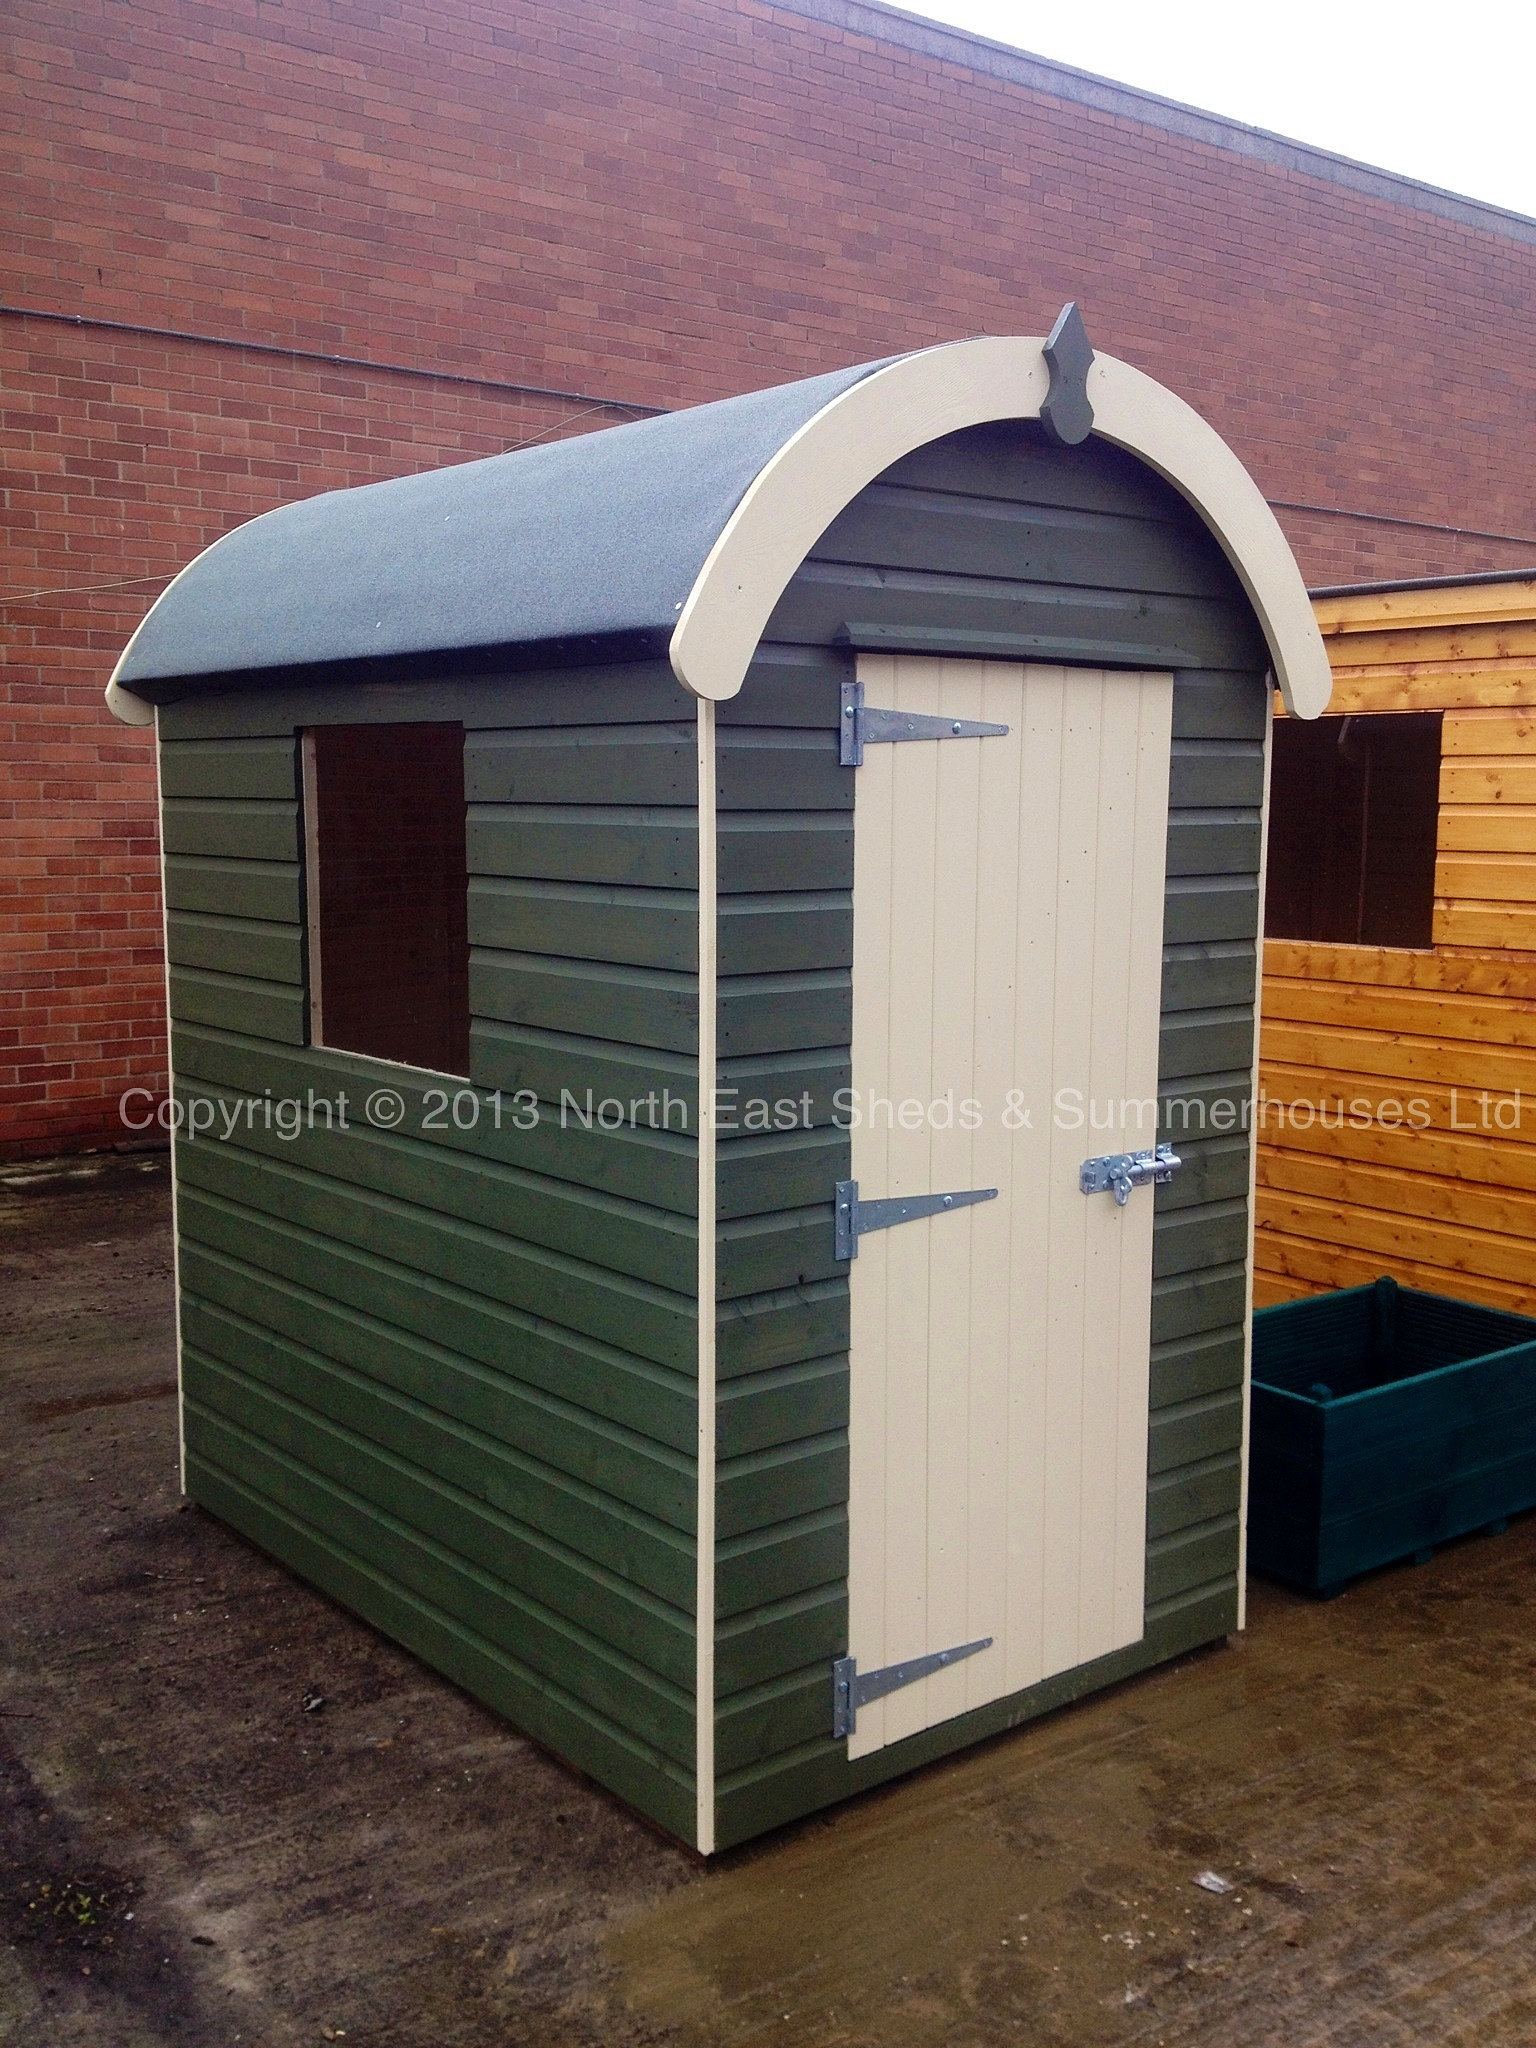 sheds newcastle, Sheds Newcastle, summerhouses newcastle ...